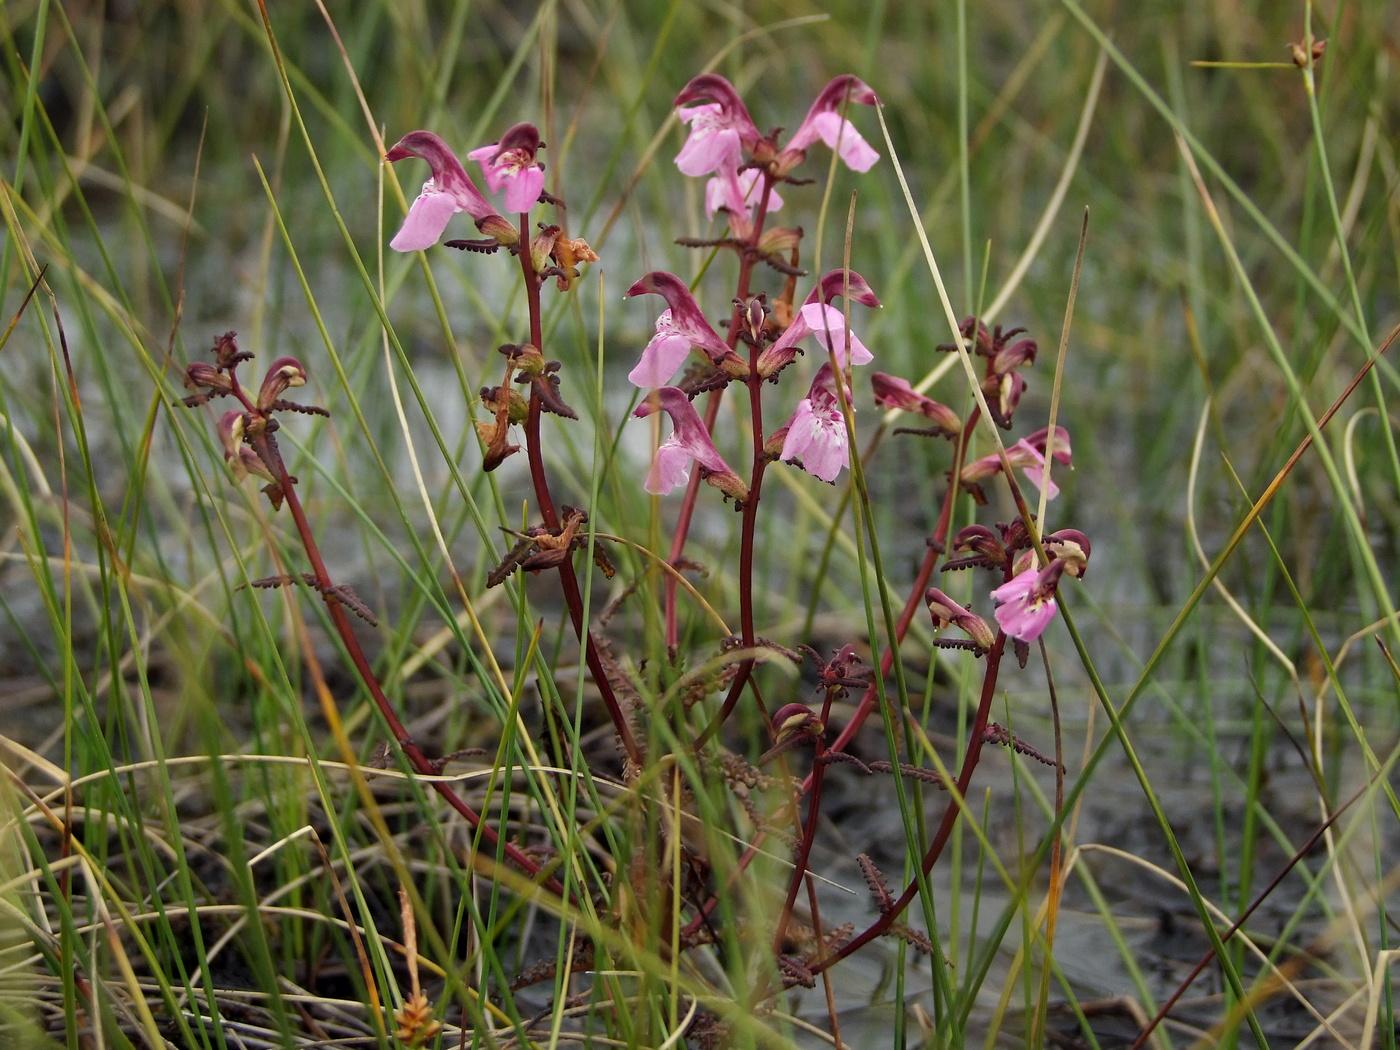 ягода вид болотные растения дальнего востока фото запрос кавычки дикий